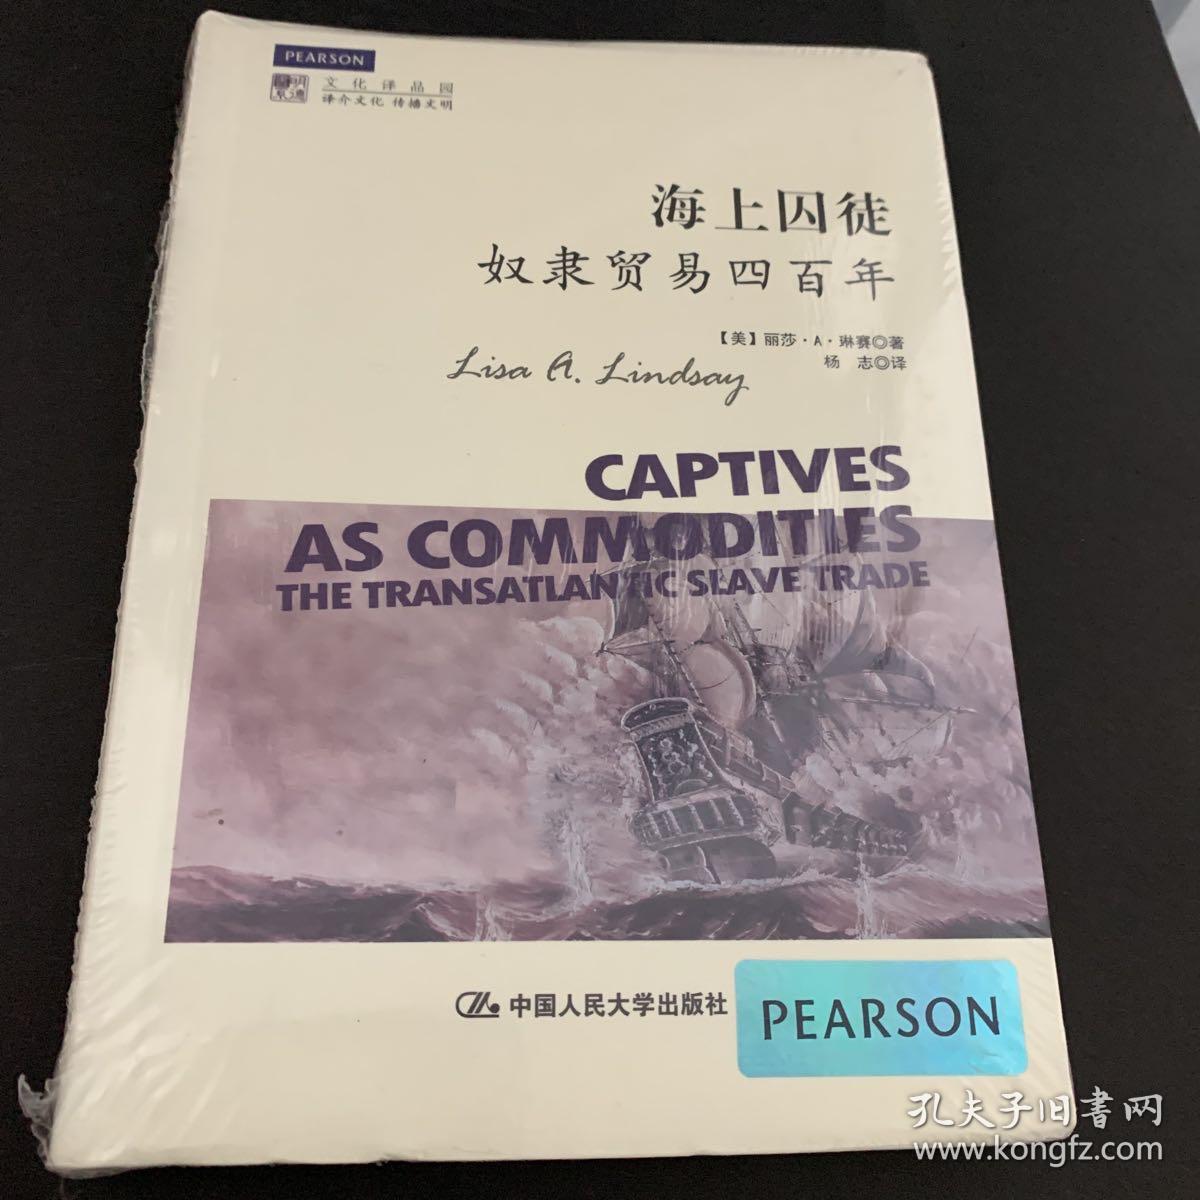 海上囚徒:奴隶贸易四百年